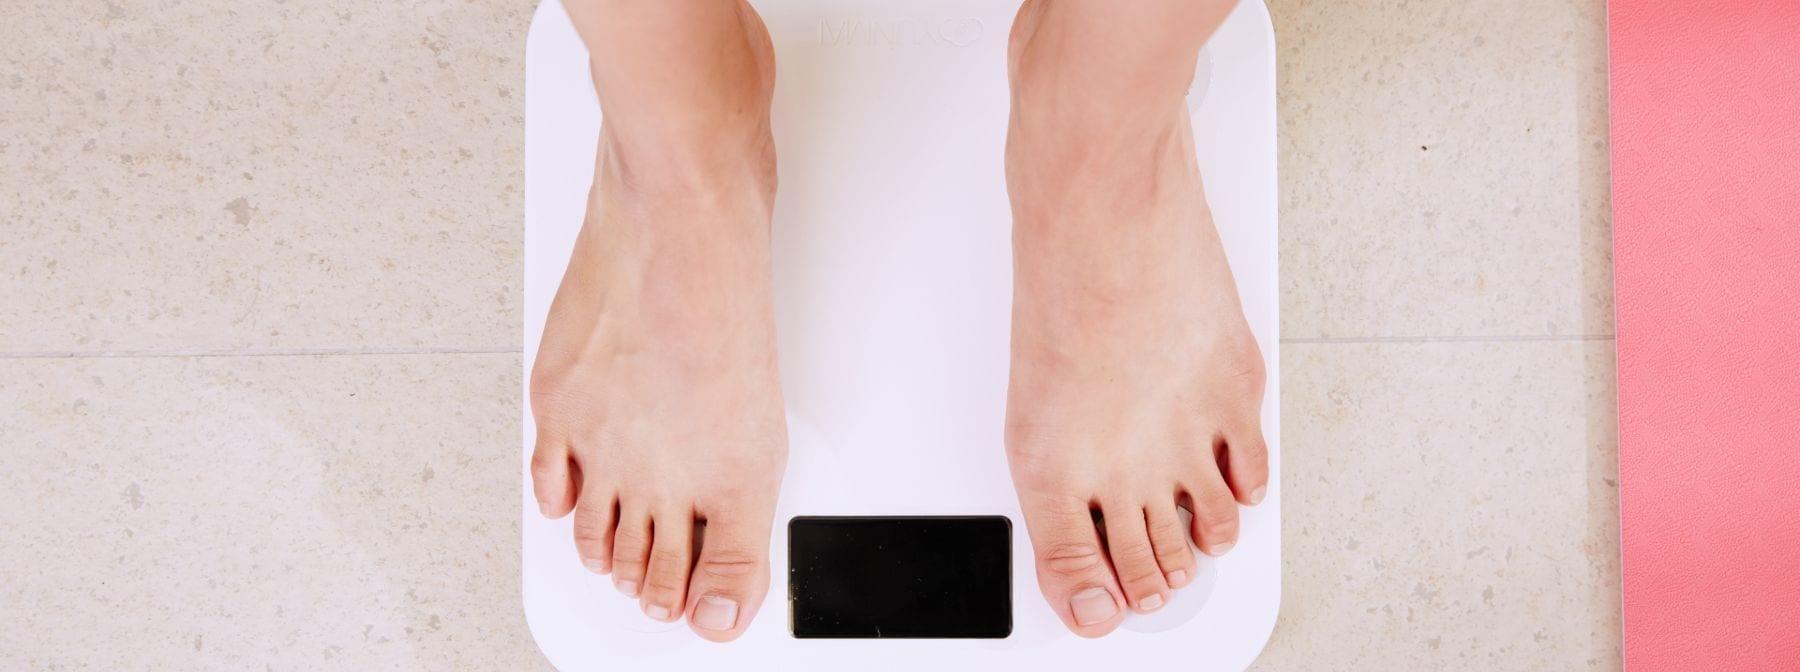 Wat is belangrijker voor gewichtsverlies- training of dieet?